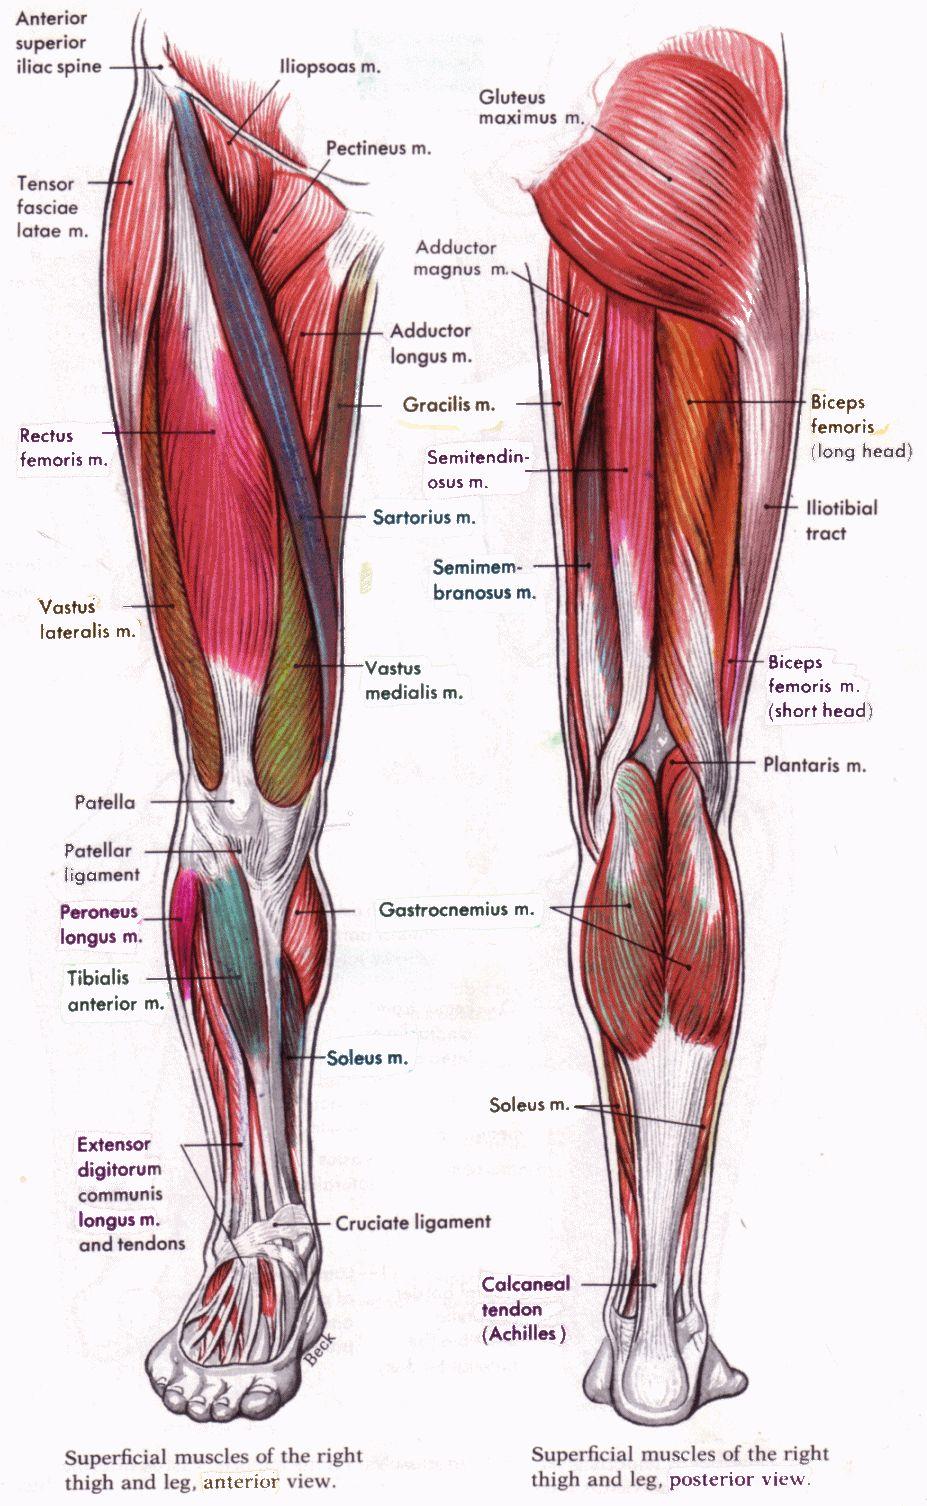 Myshc Nizhnej Chasti Tela Shema Razblokirovki Vashej Sgibateli Bedra Humanampanimal Anatomii I Leg Muscles Anatomy Leg Muscles Diagram Human Anatomy And Physiology